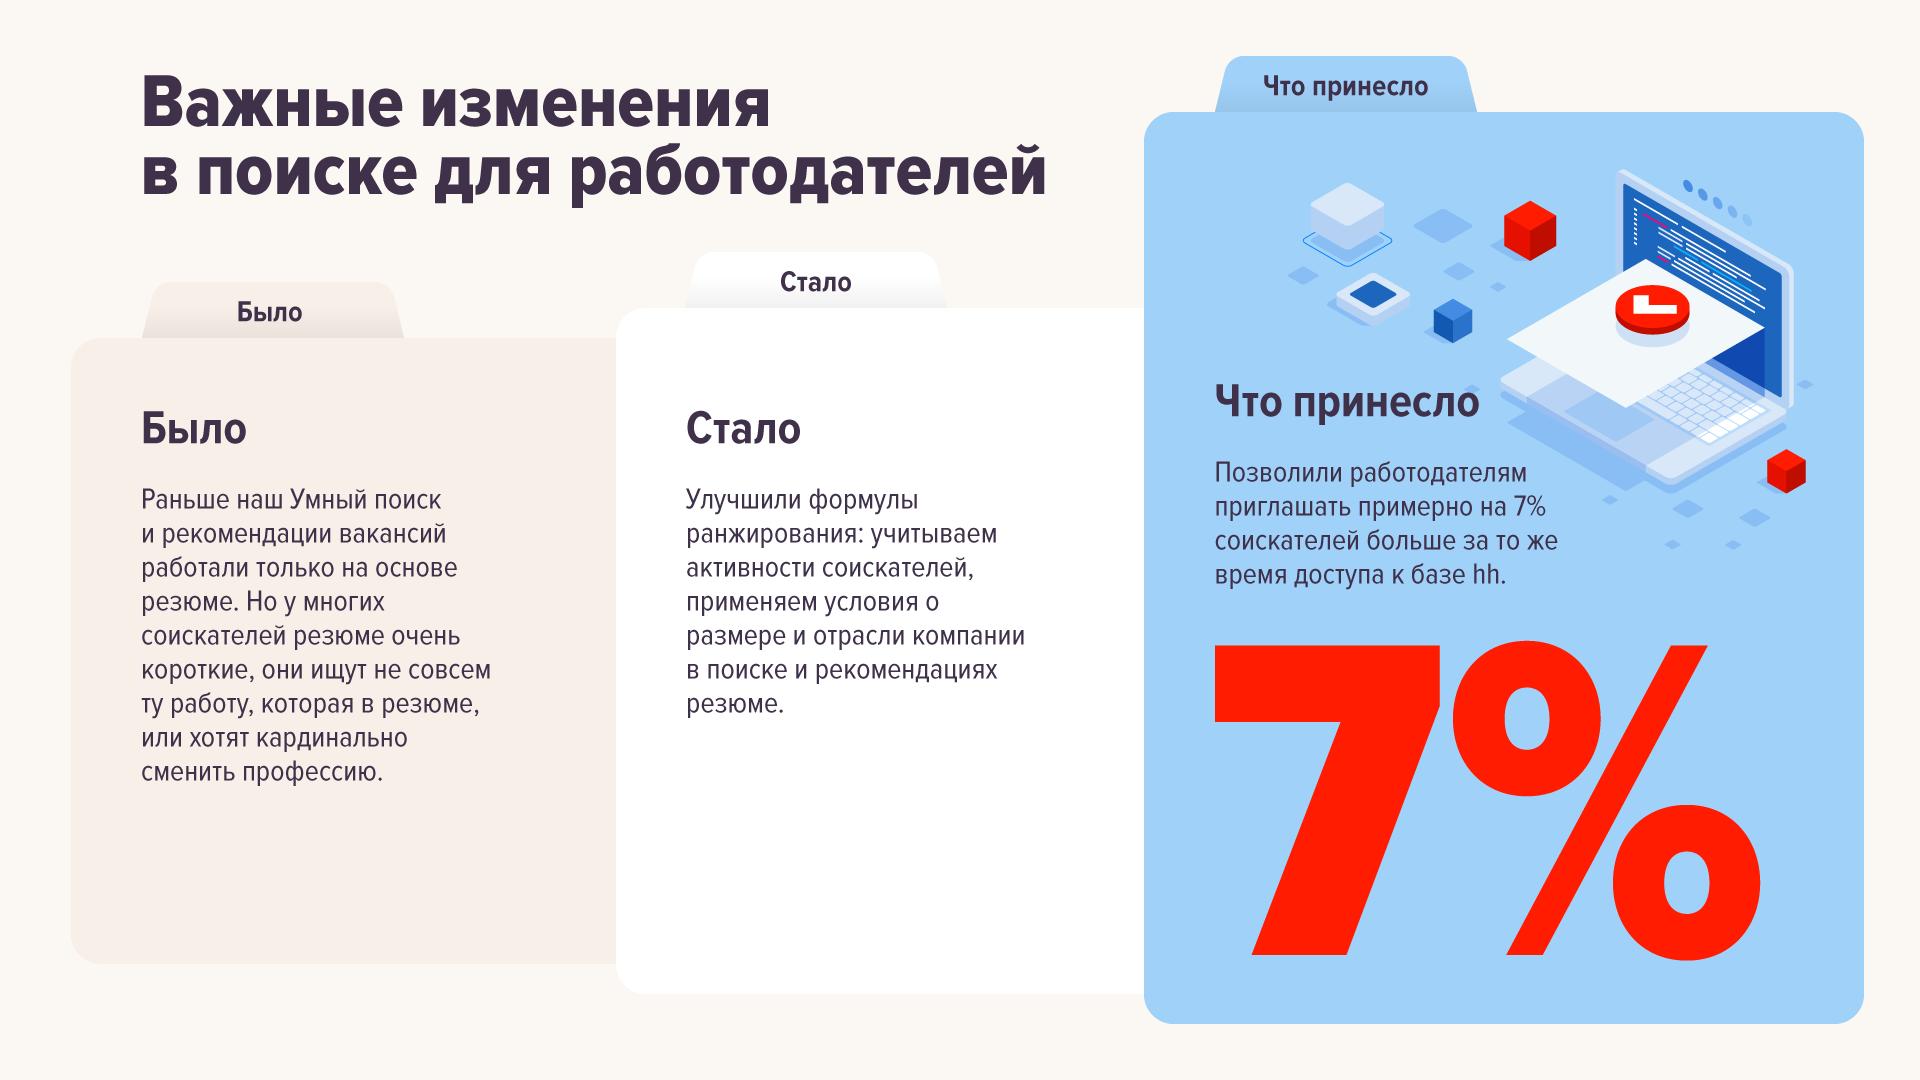 Как мы улучшили Умный поиск на hh.ru в 2019 году: инфографика